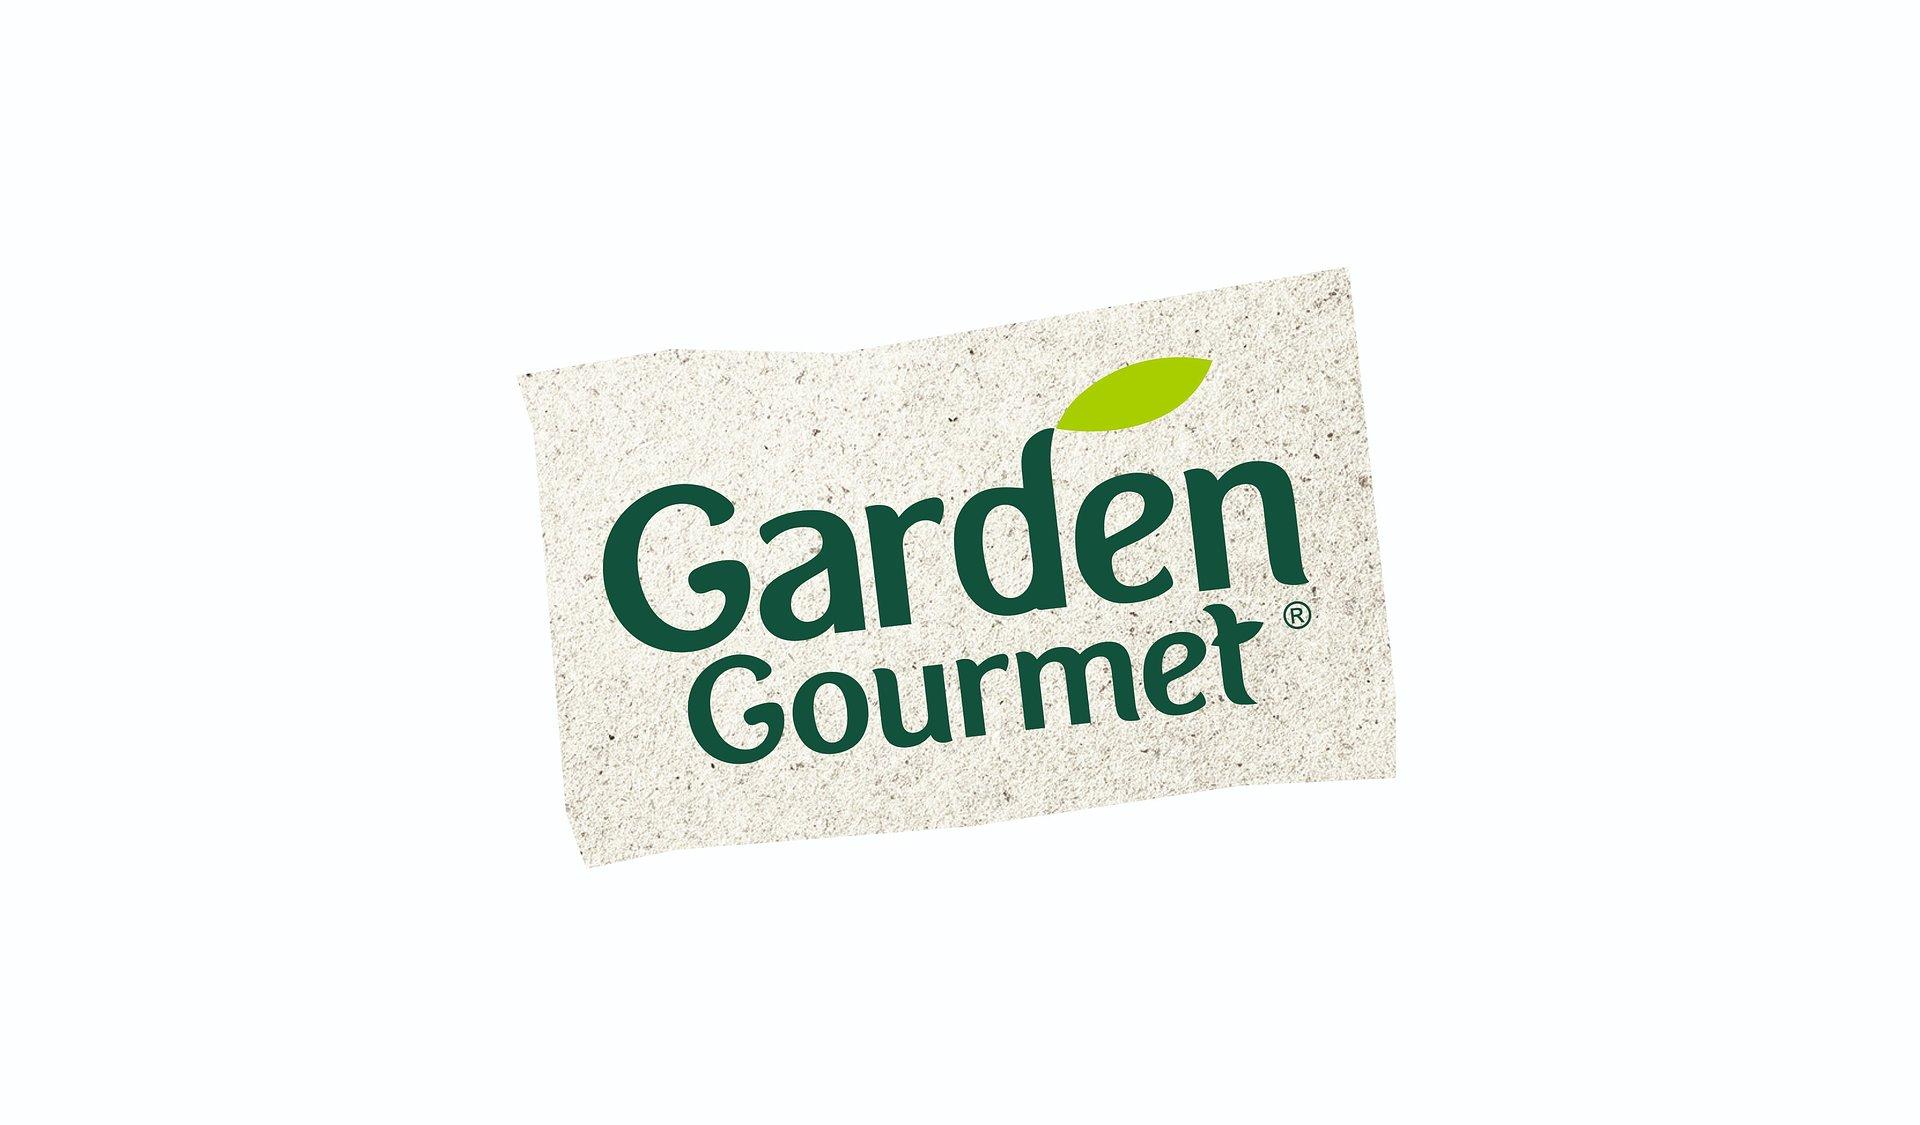 GARDEN GOURMET alarga a gama com o lançamento do Picado Sensational™ 100% vegetal